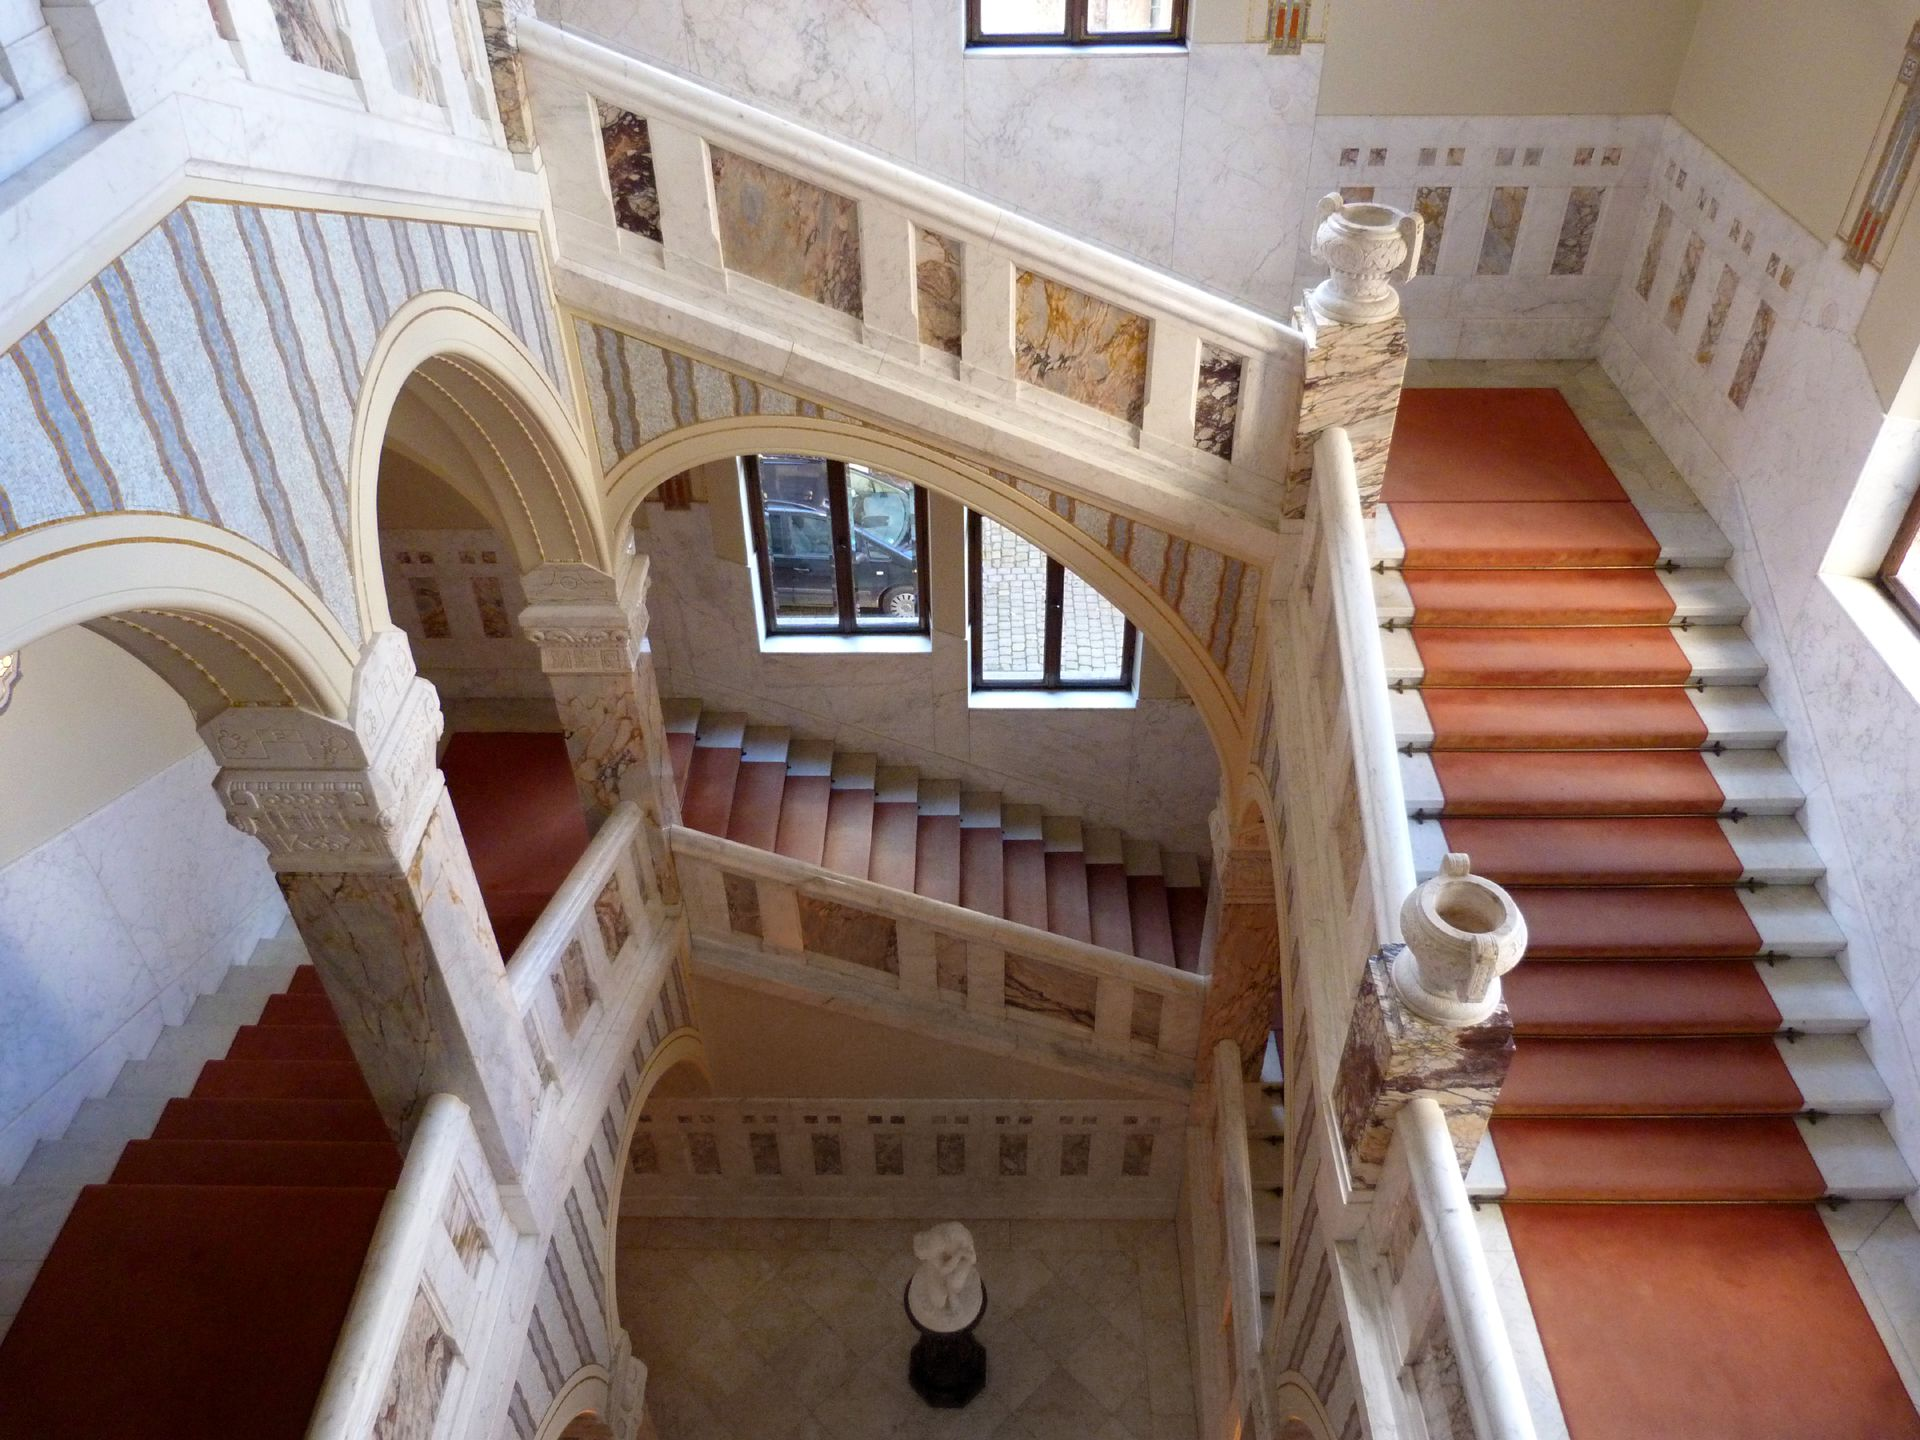 Castle Faber-Castell Jugendstil stair well, view downwards